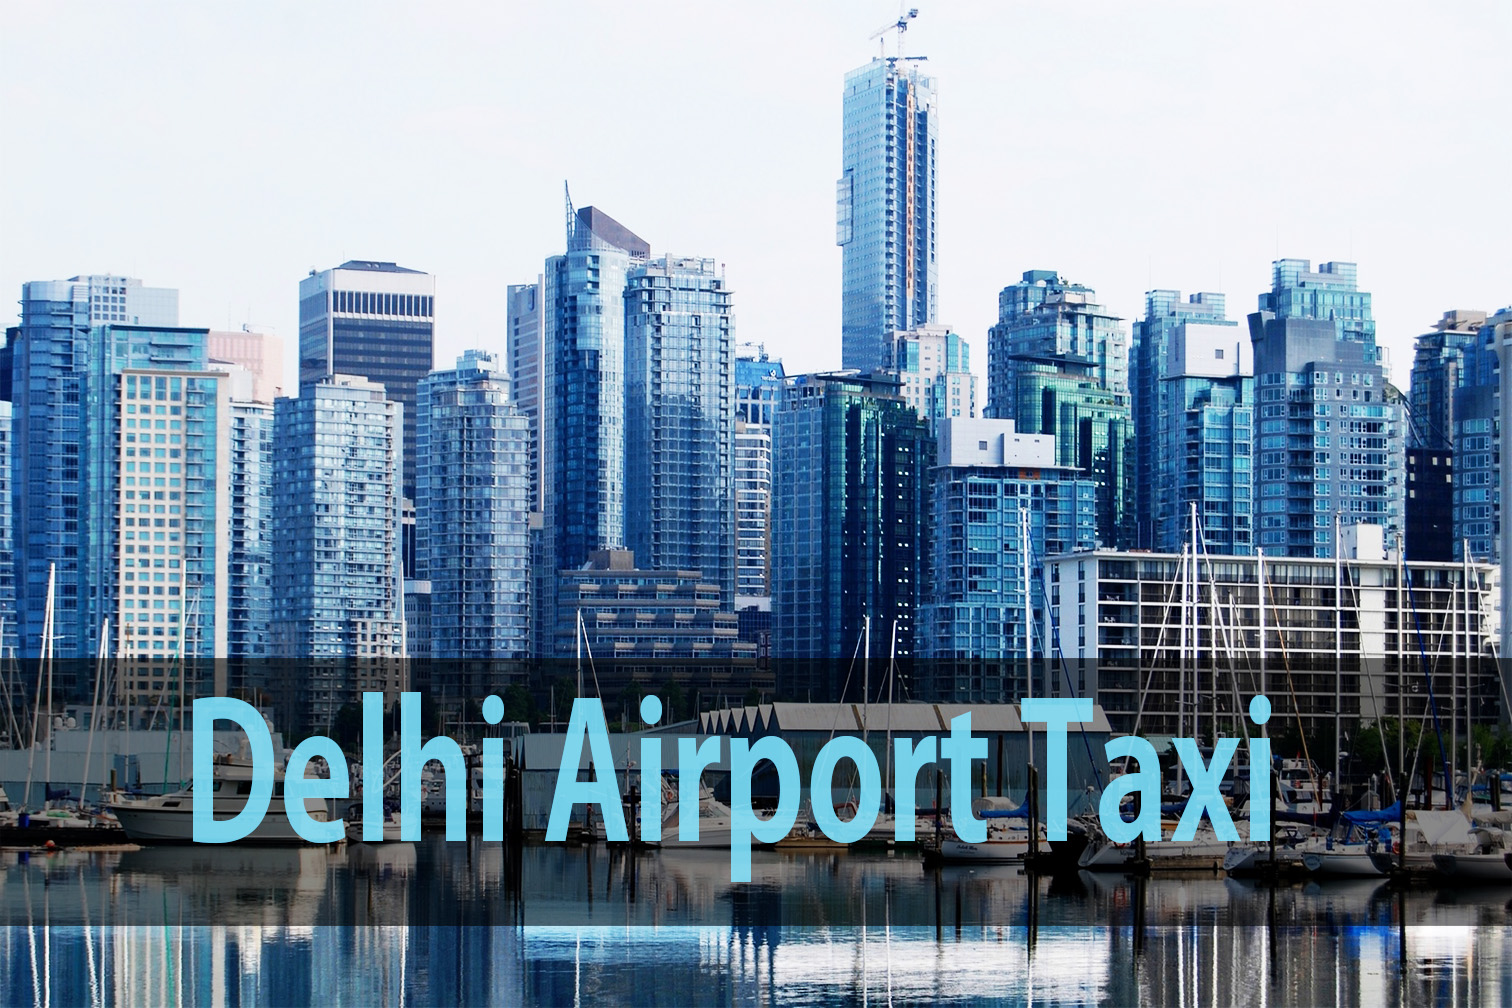 Delhi Airport taxi